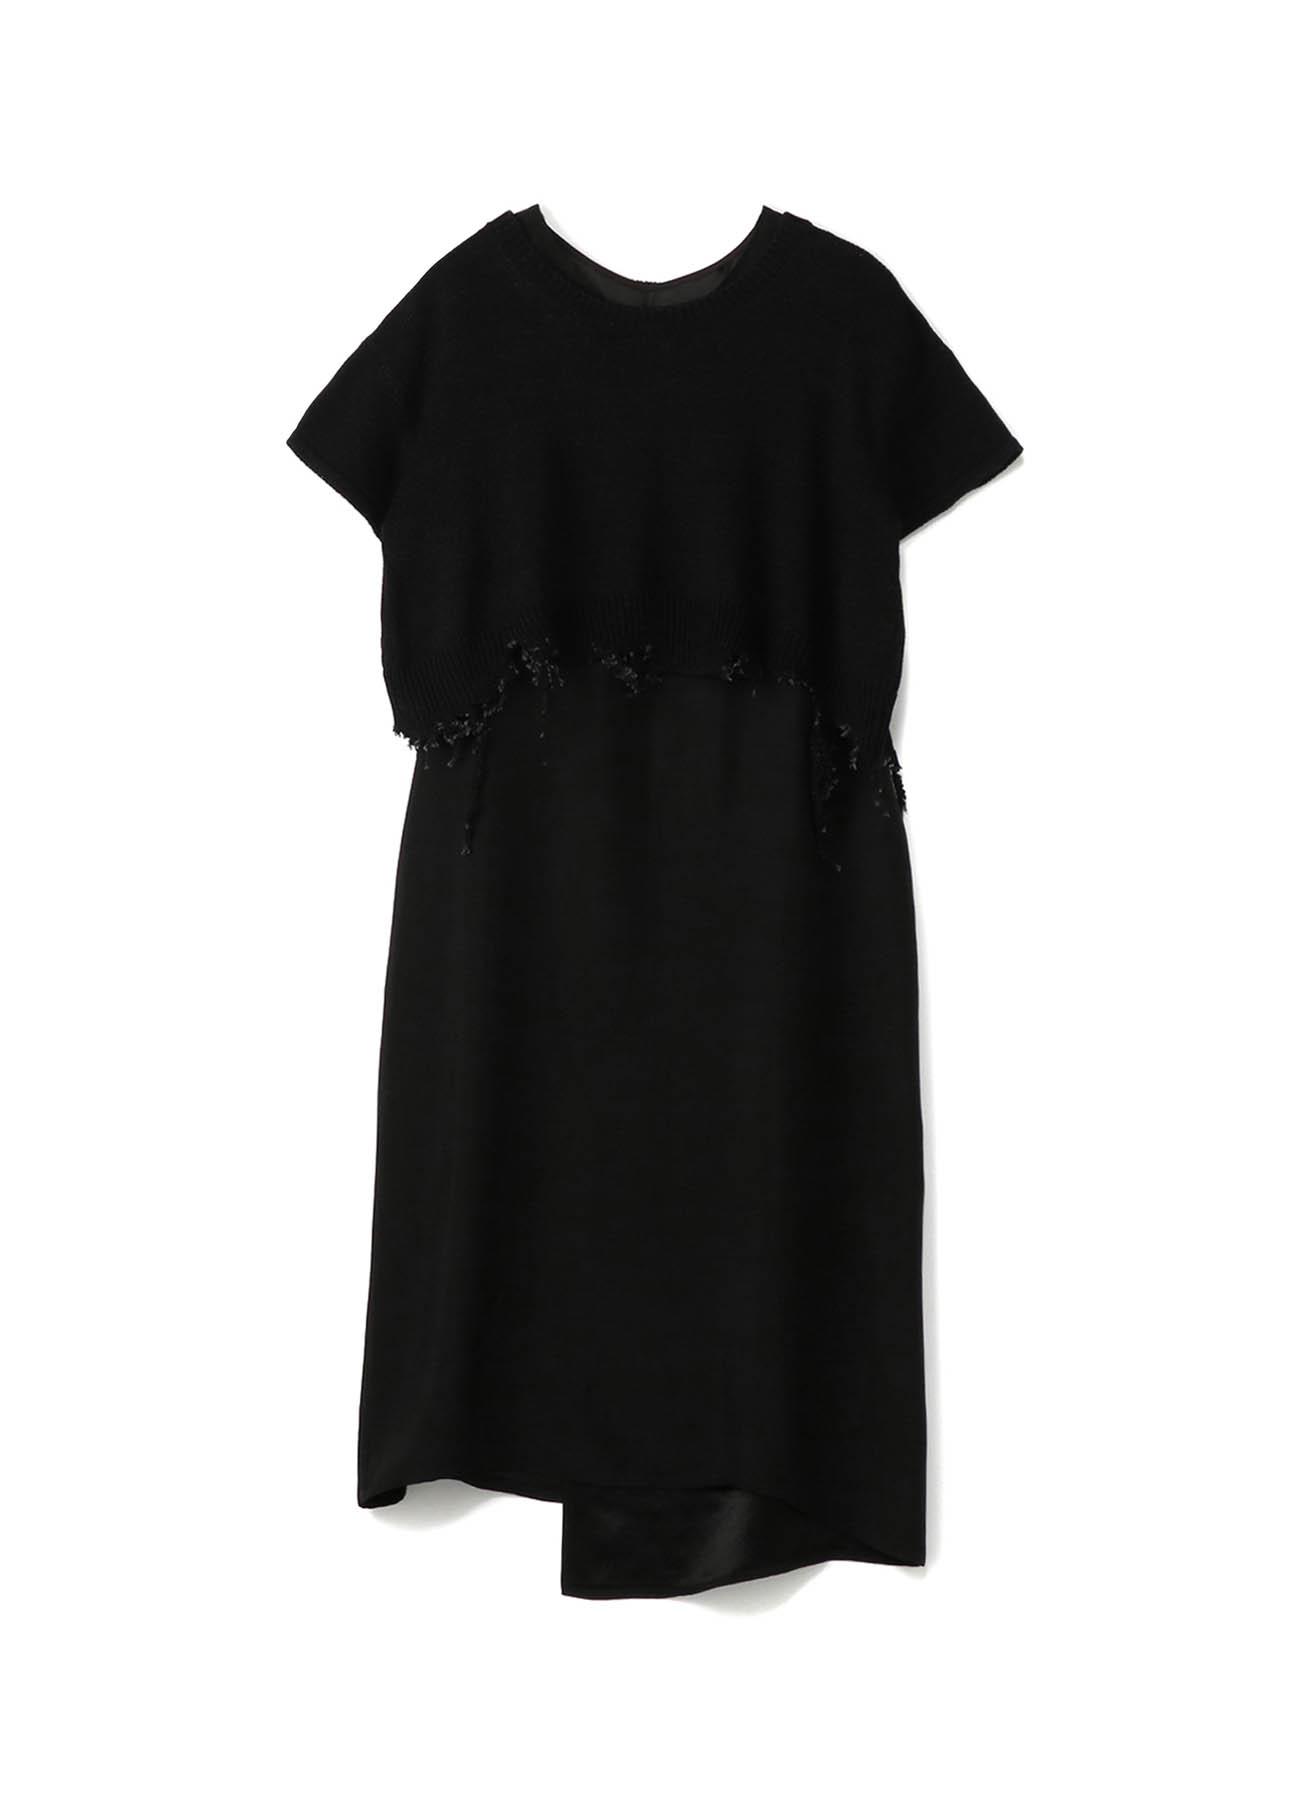 015+502 SHORT SLEEVE KNIT TOP DRESS